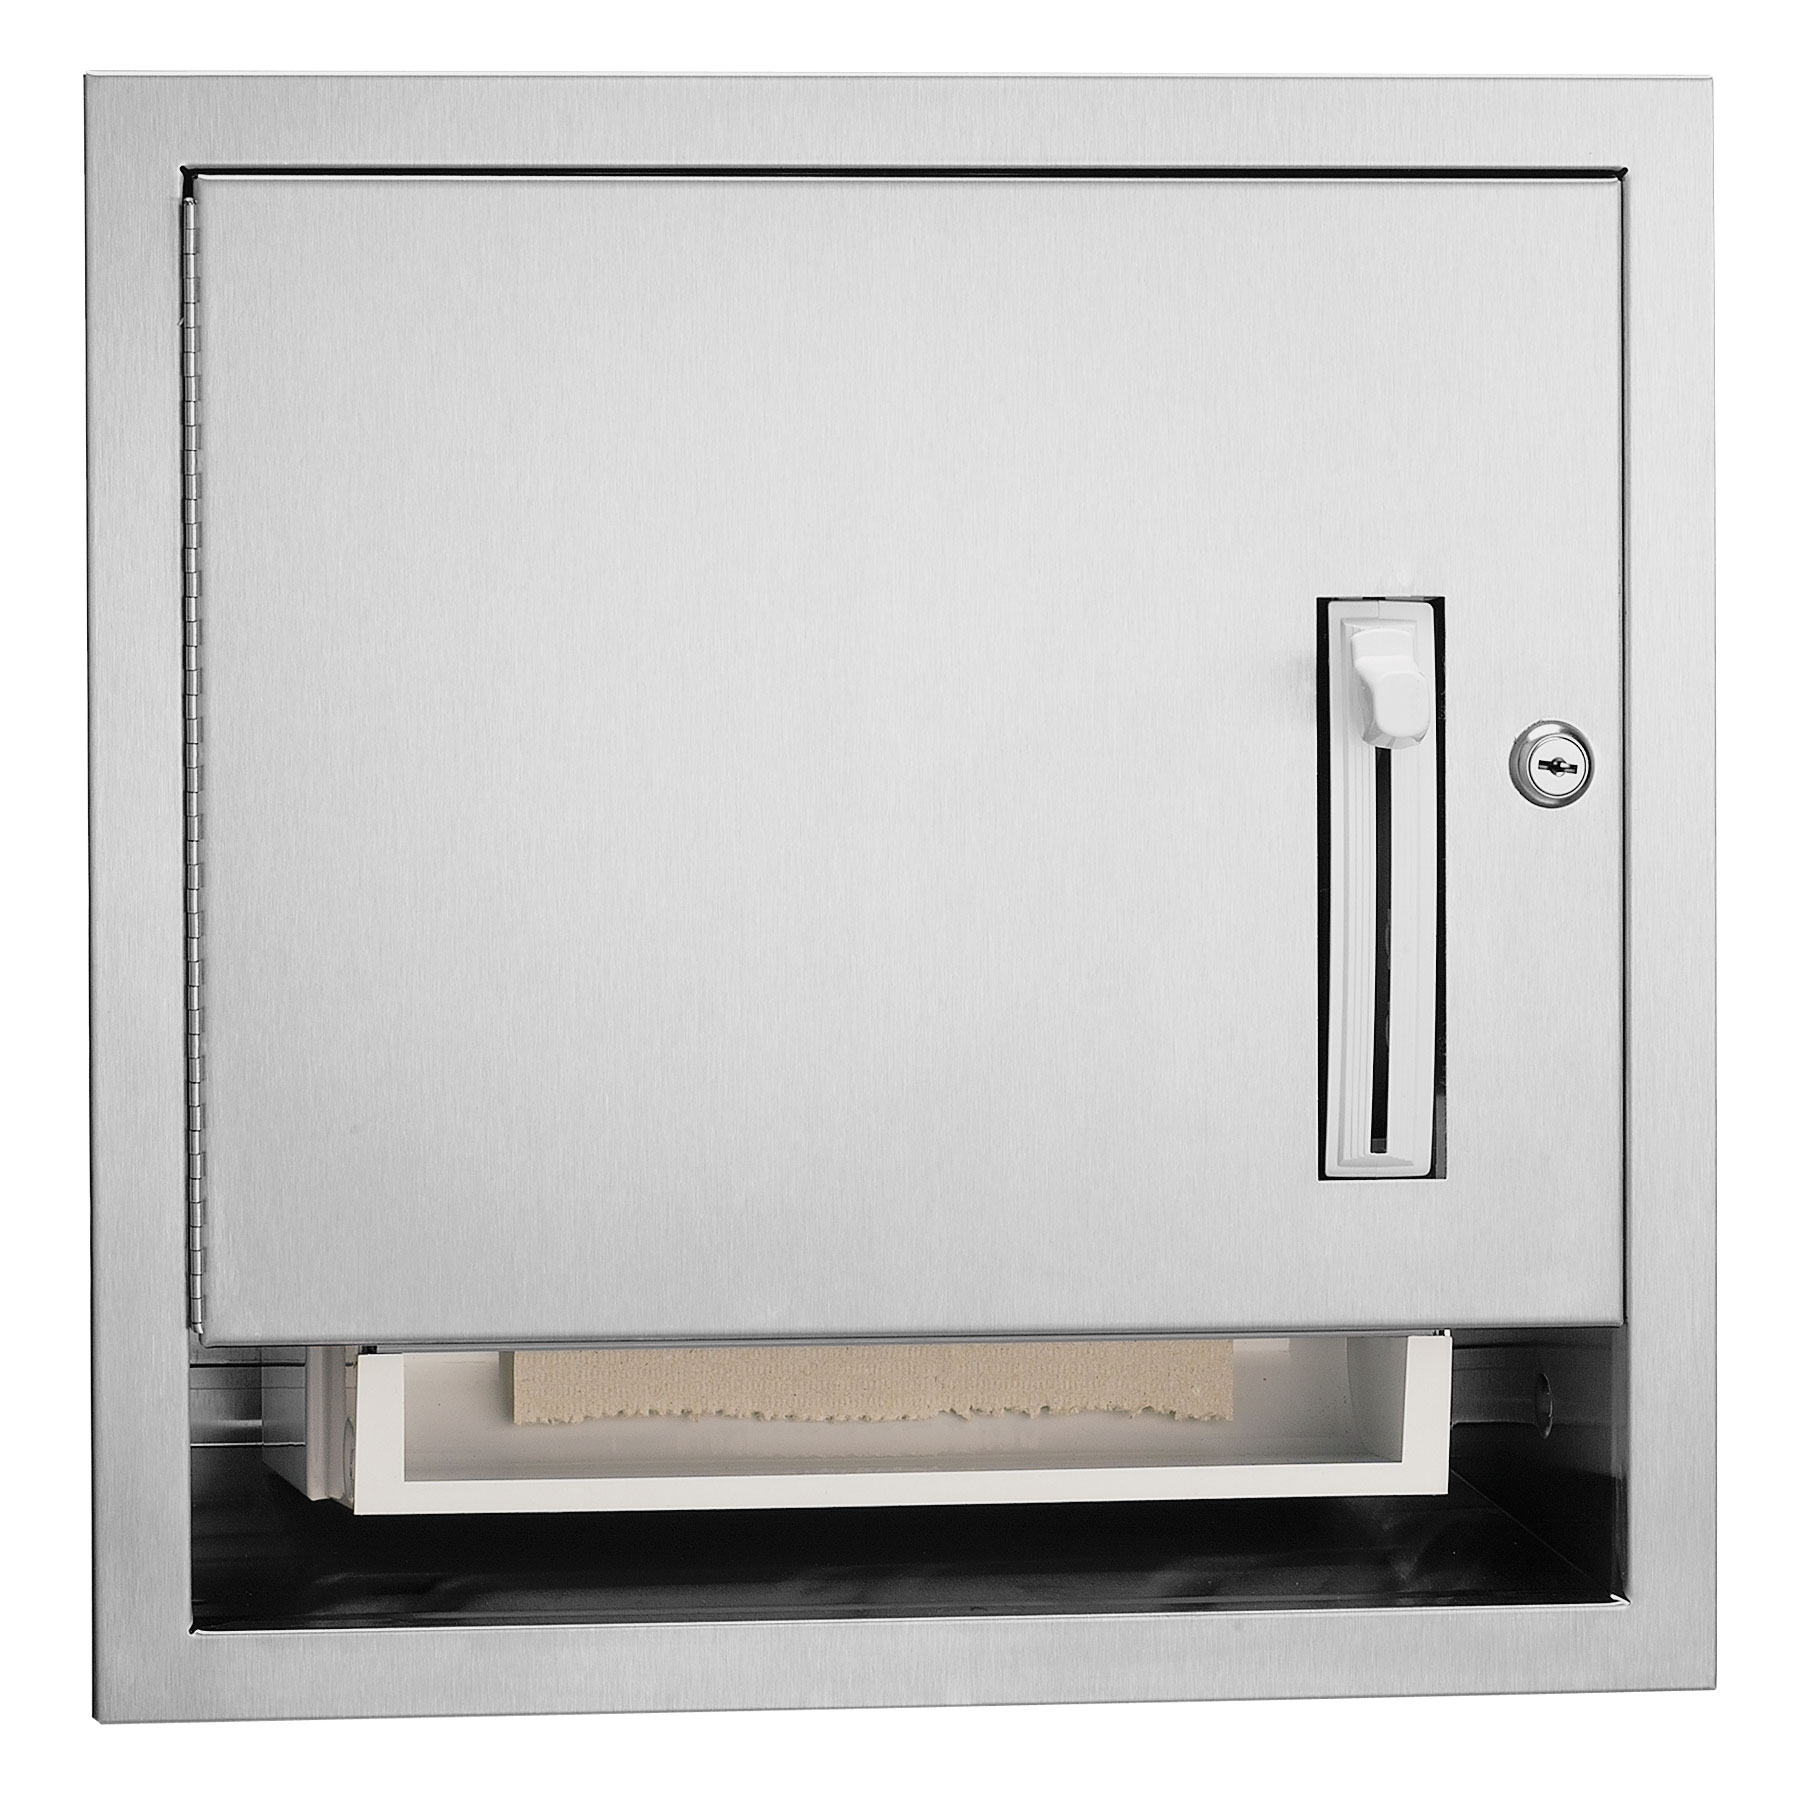 Framed Roll Towel Dispenser